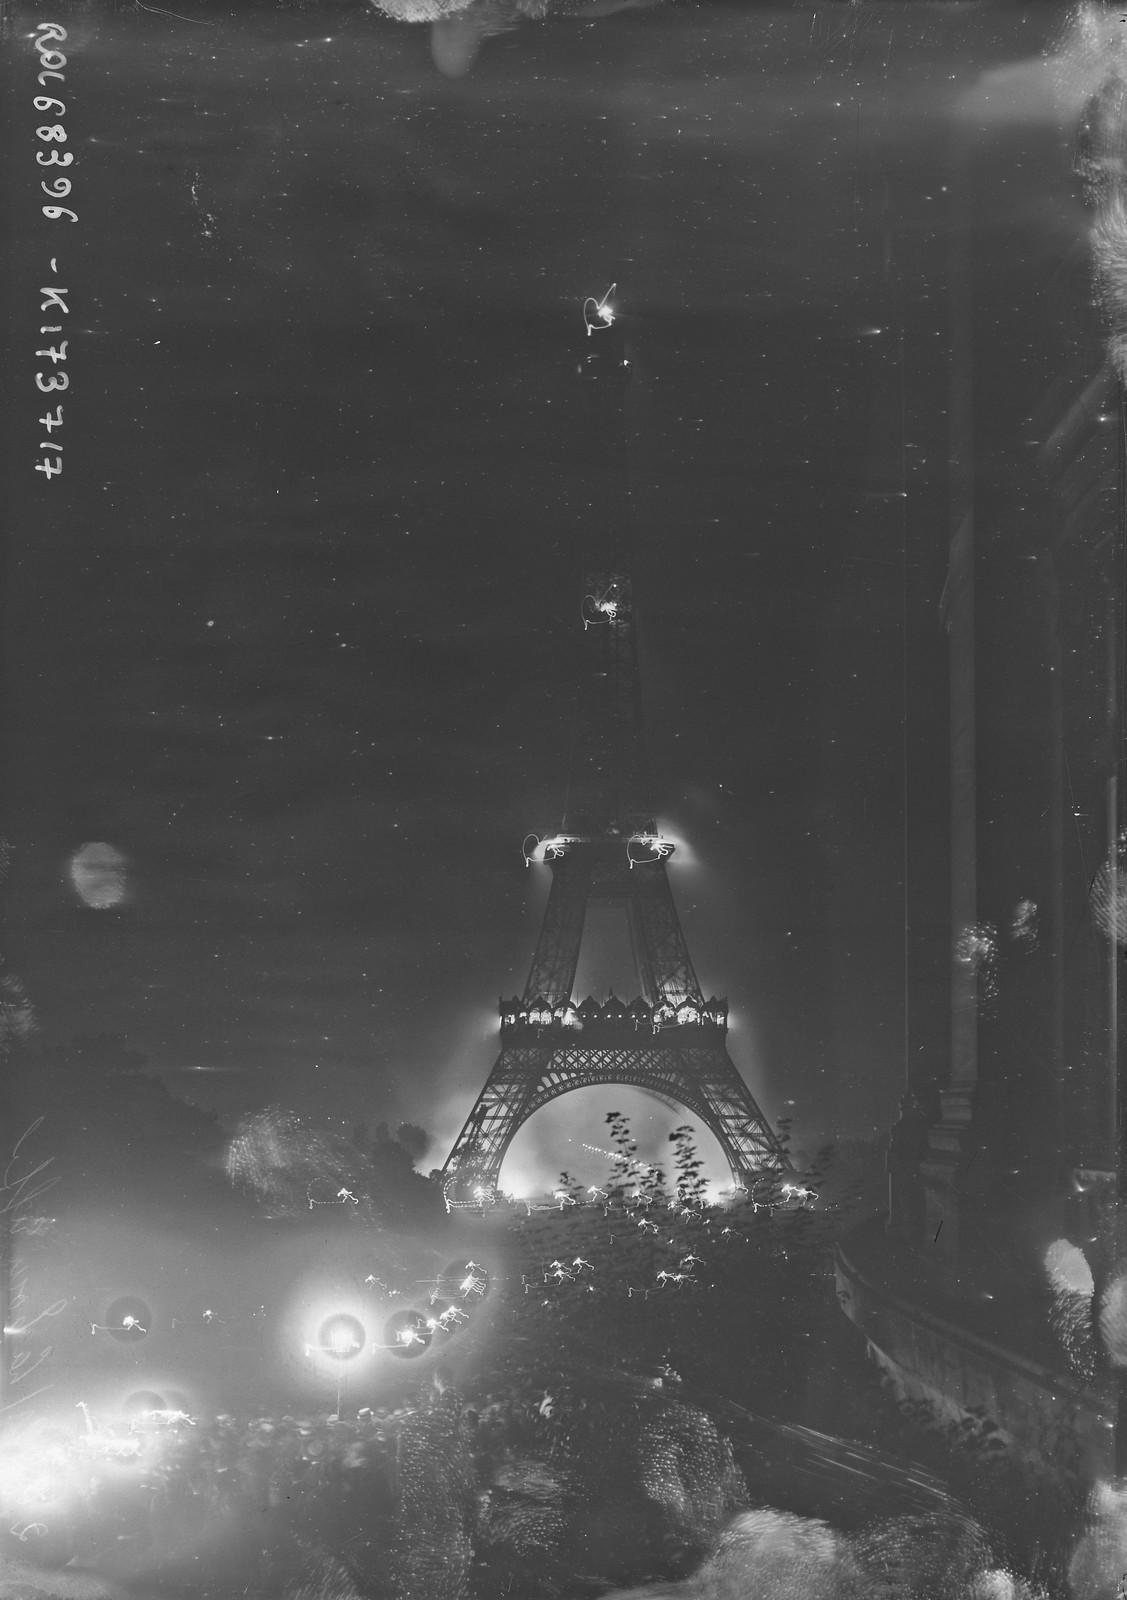 13. 1921.Эйфелева башня с подсветкой.  26.08.